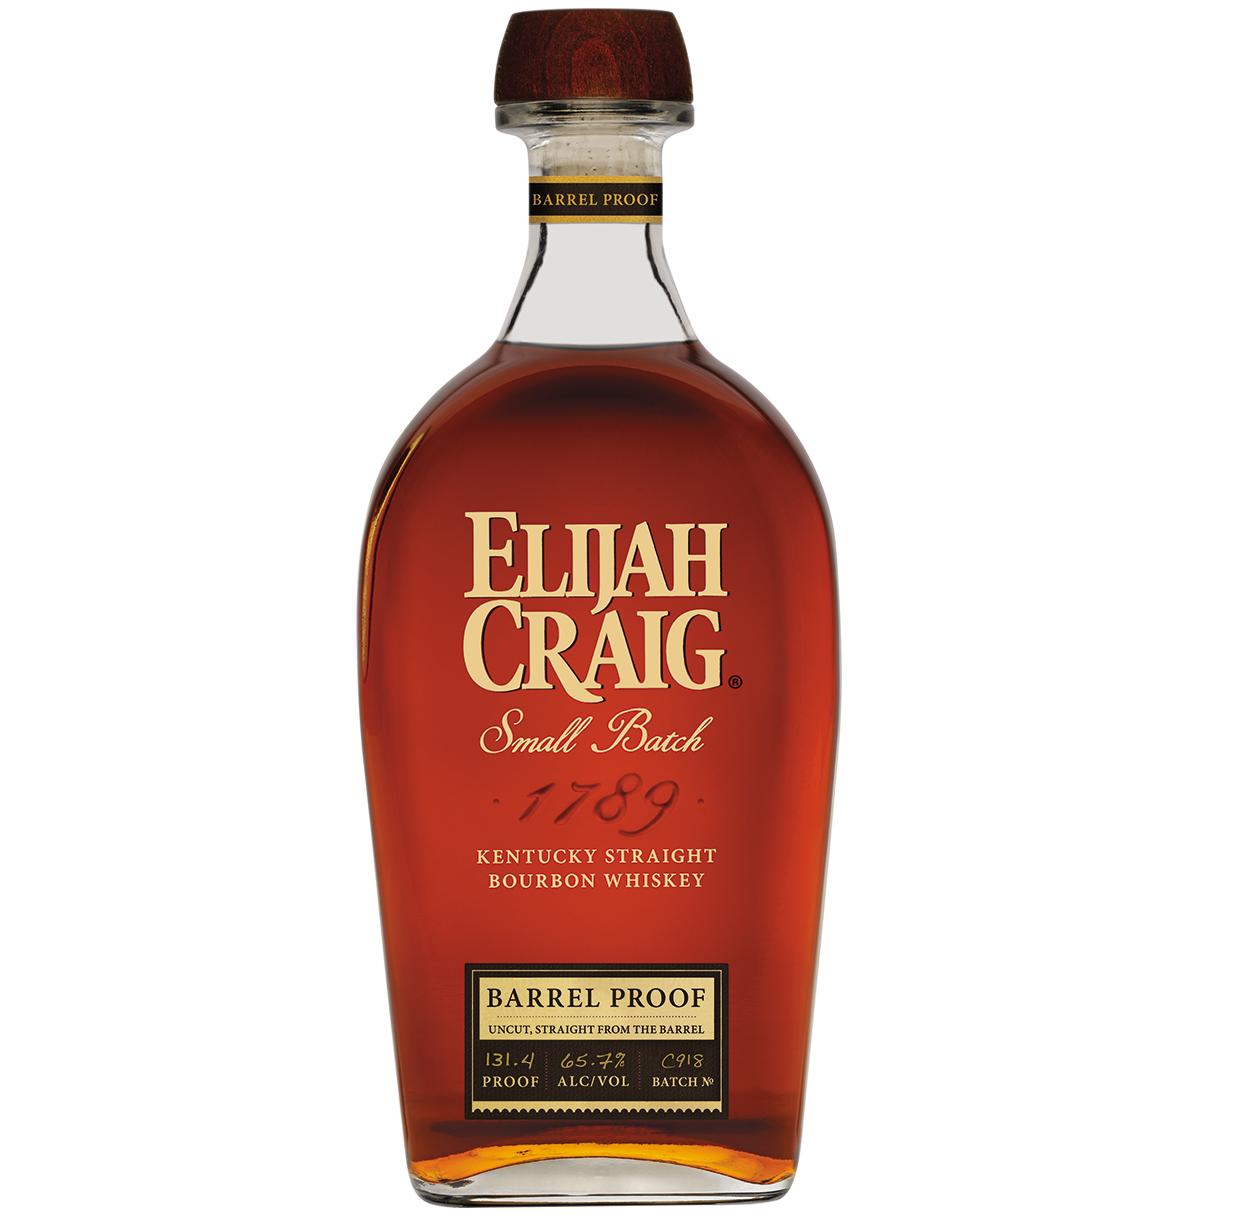 Elijah Craig Barrel Proof Batch A119 (January 2019)